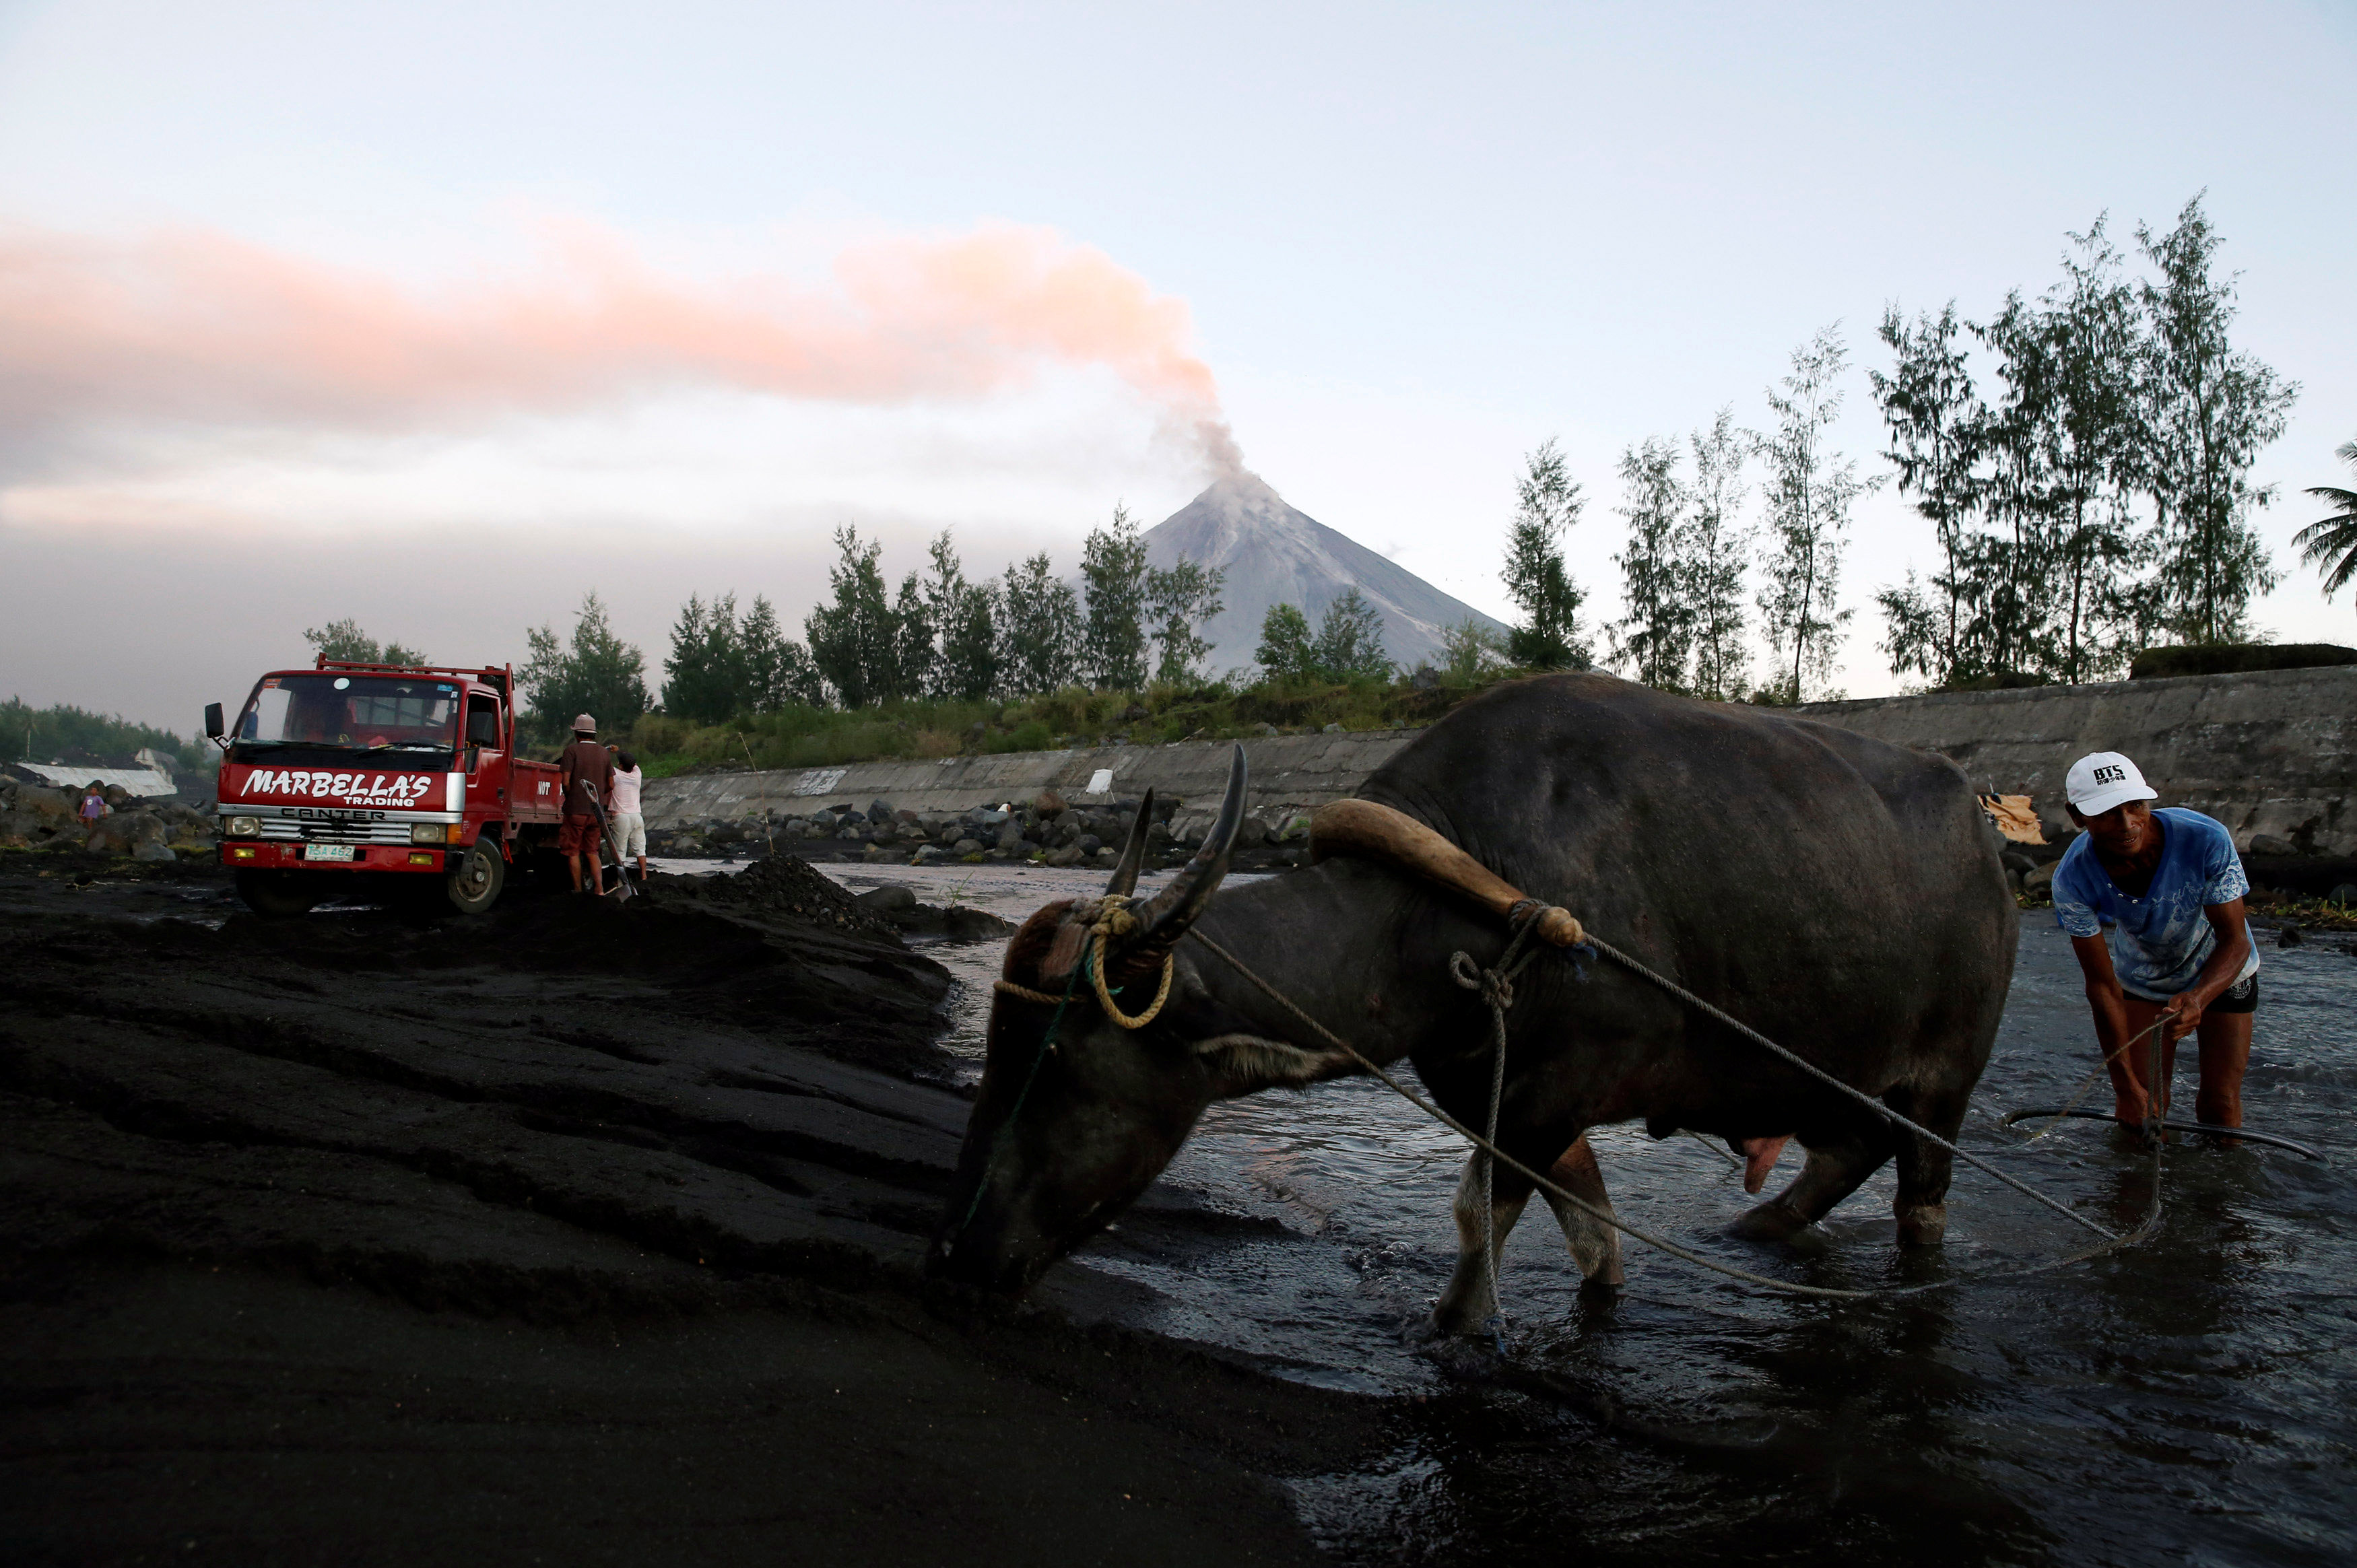 El lunes se registró una violenta erupción que fue la más potente desde que el volcán comenzó su actividad hace más de una semana (Reuters)